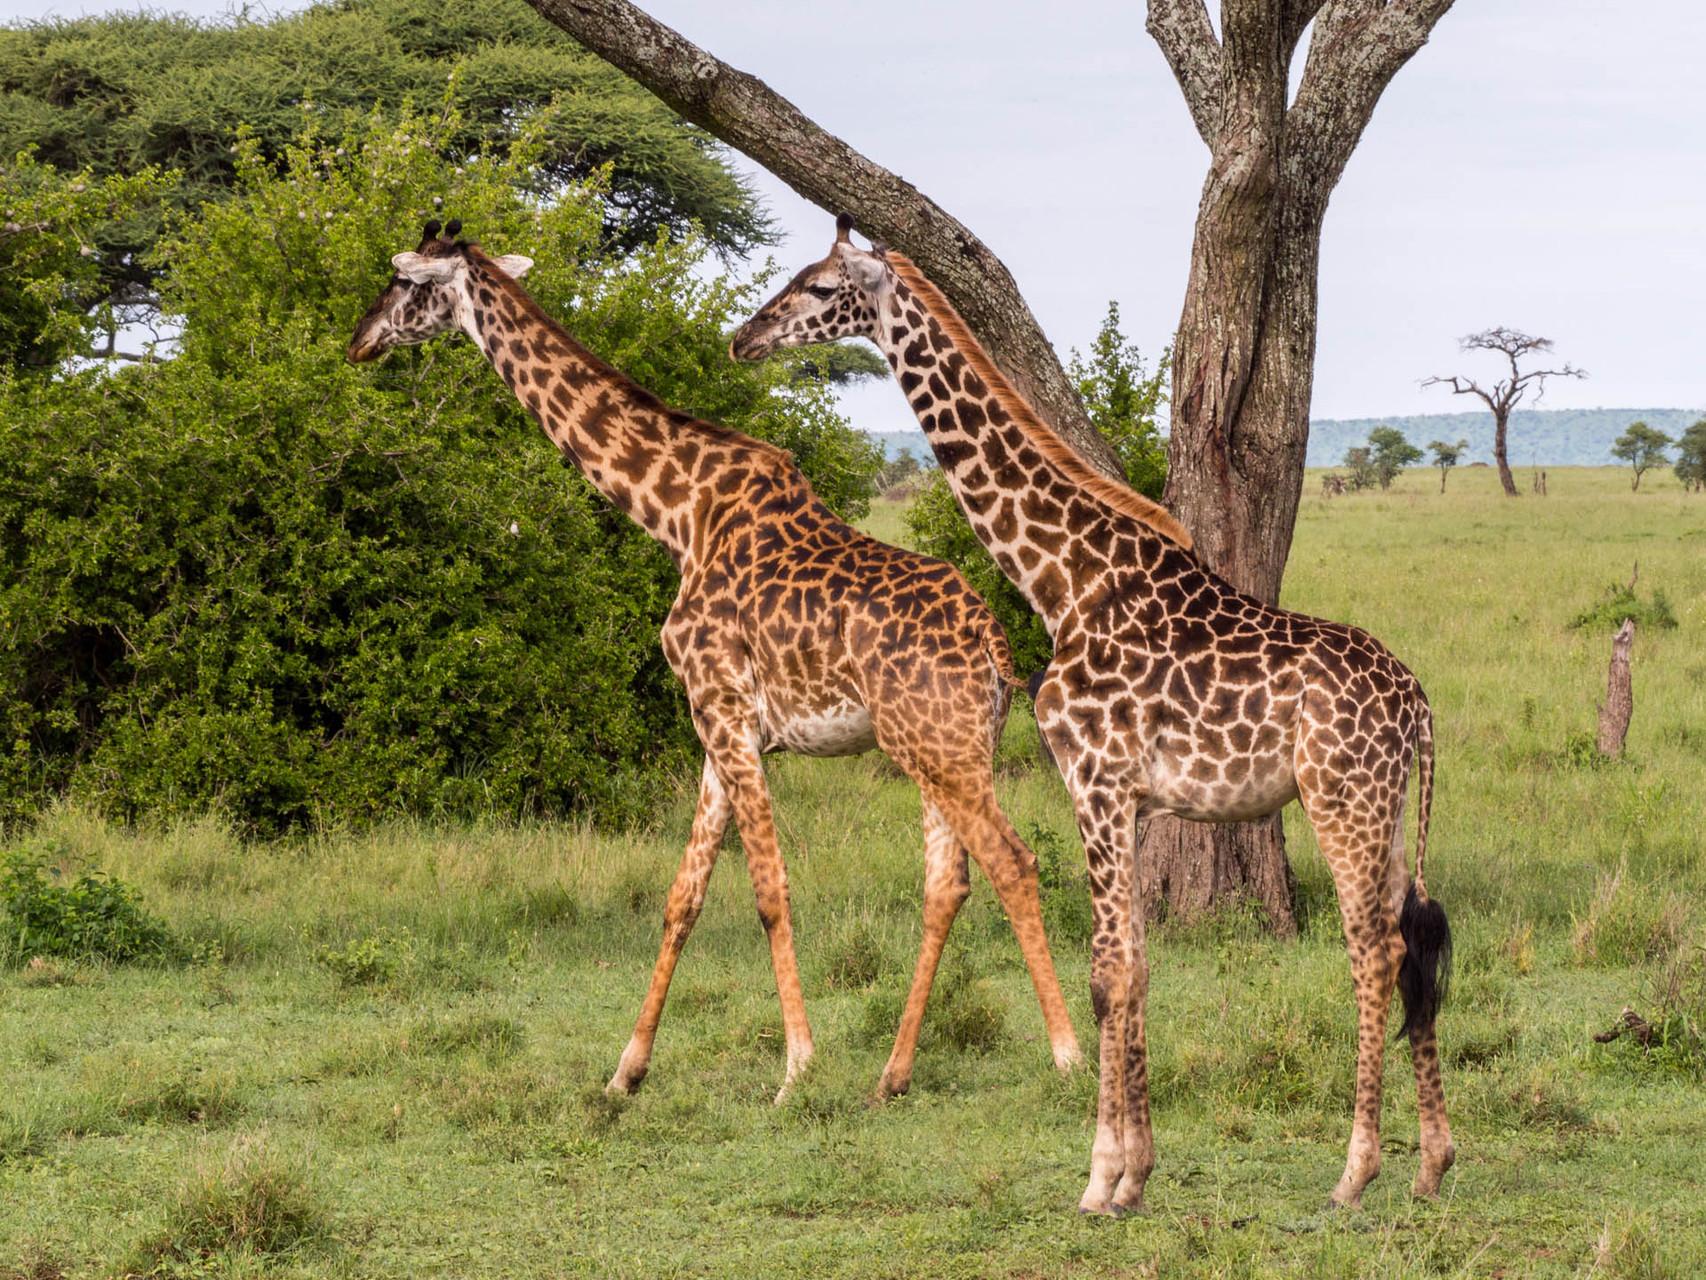 Giraffes [Serengeti, Tanzania, 2015]